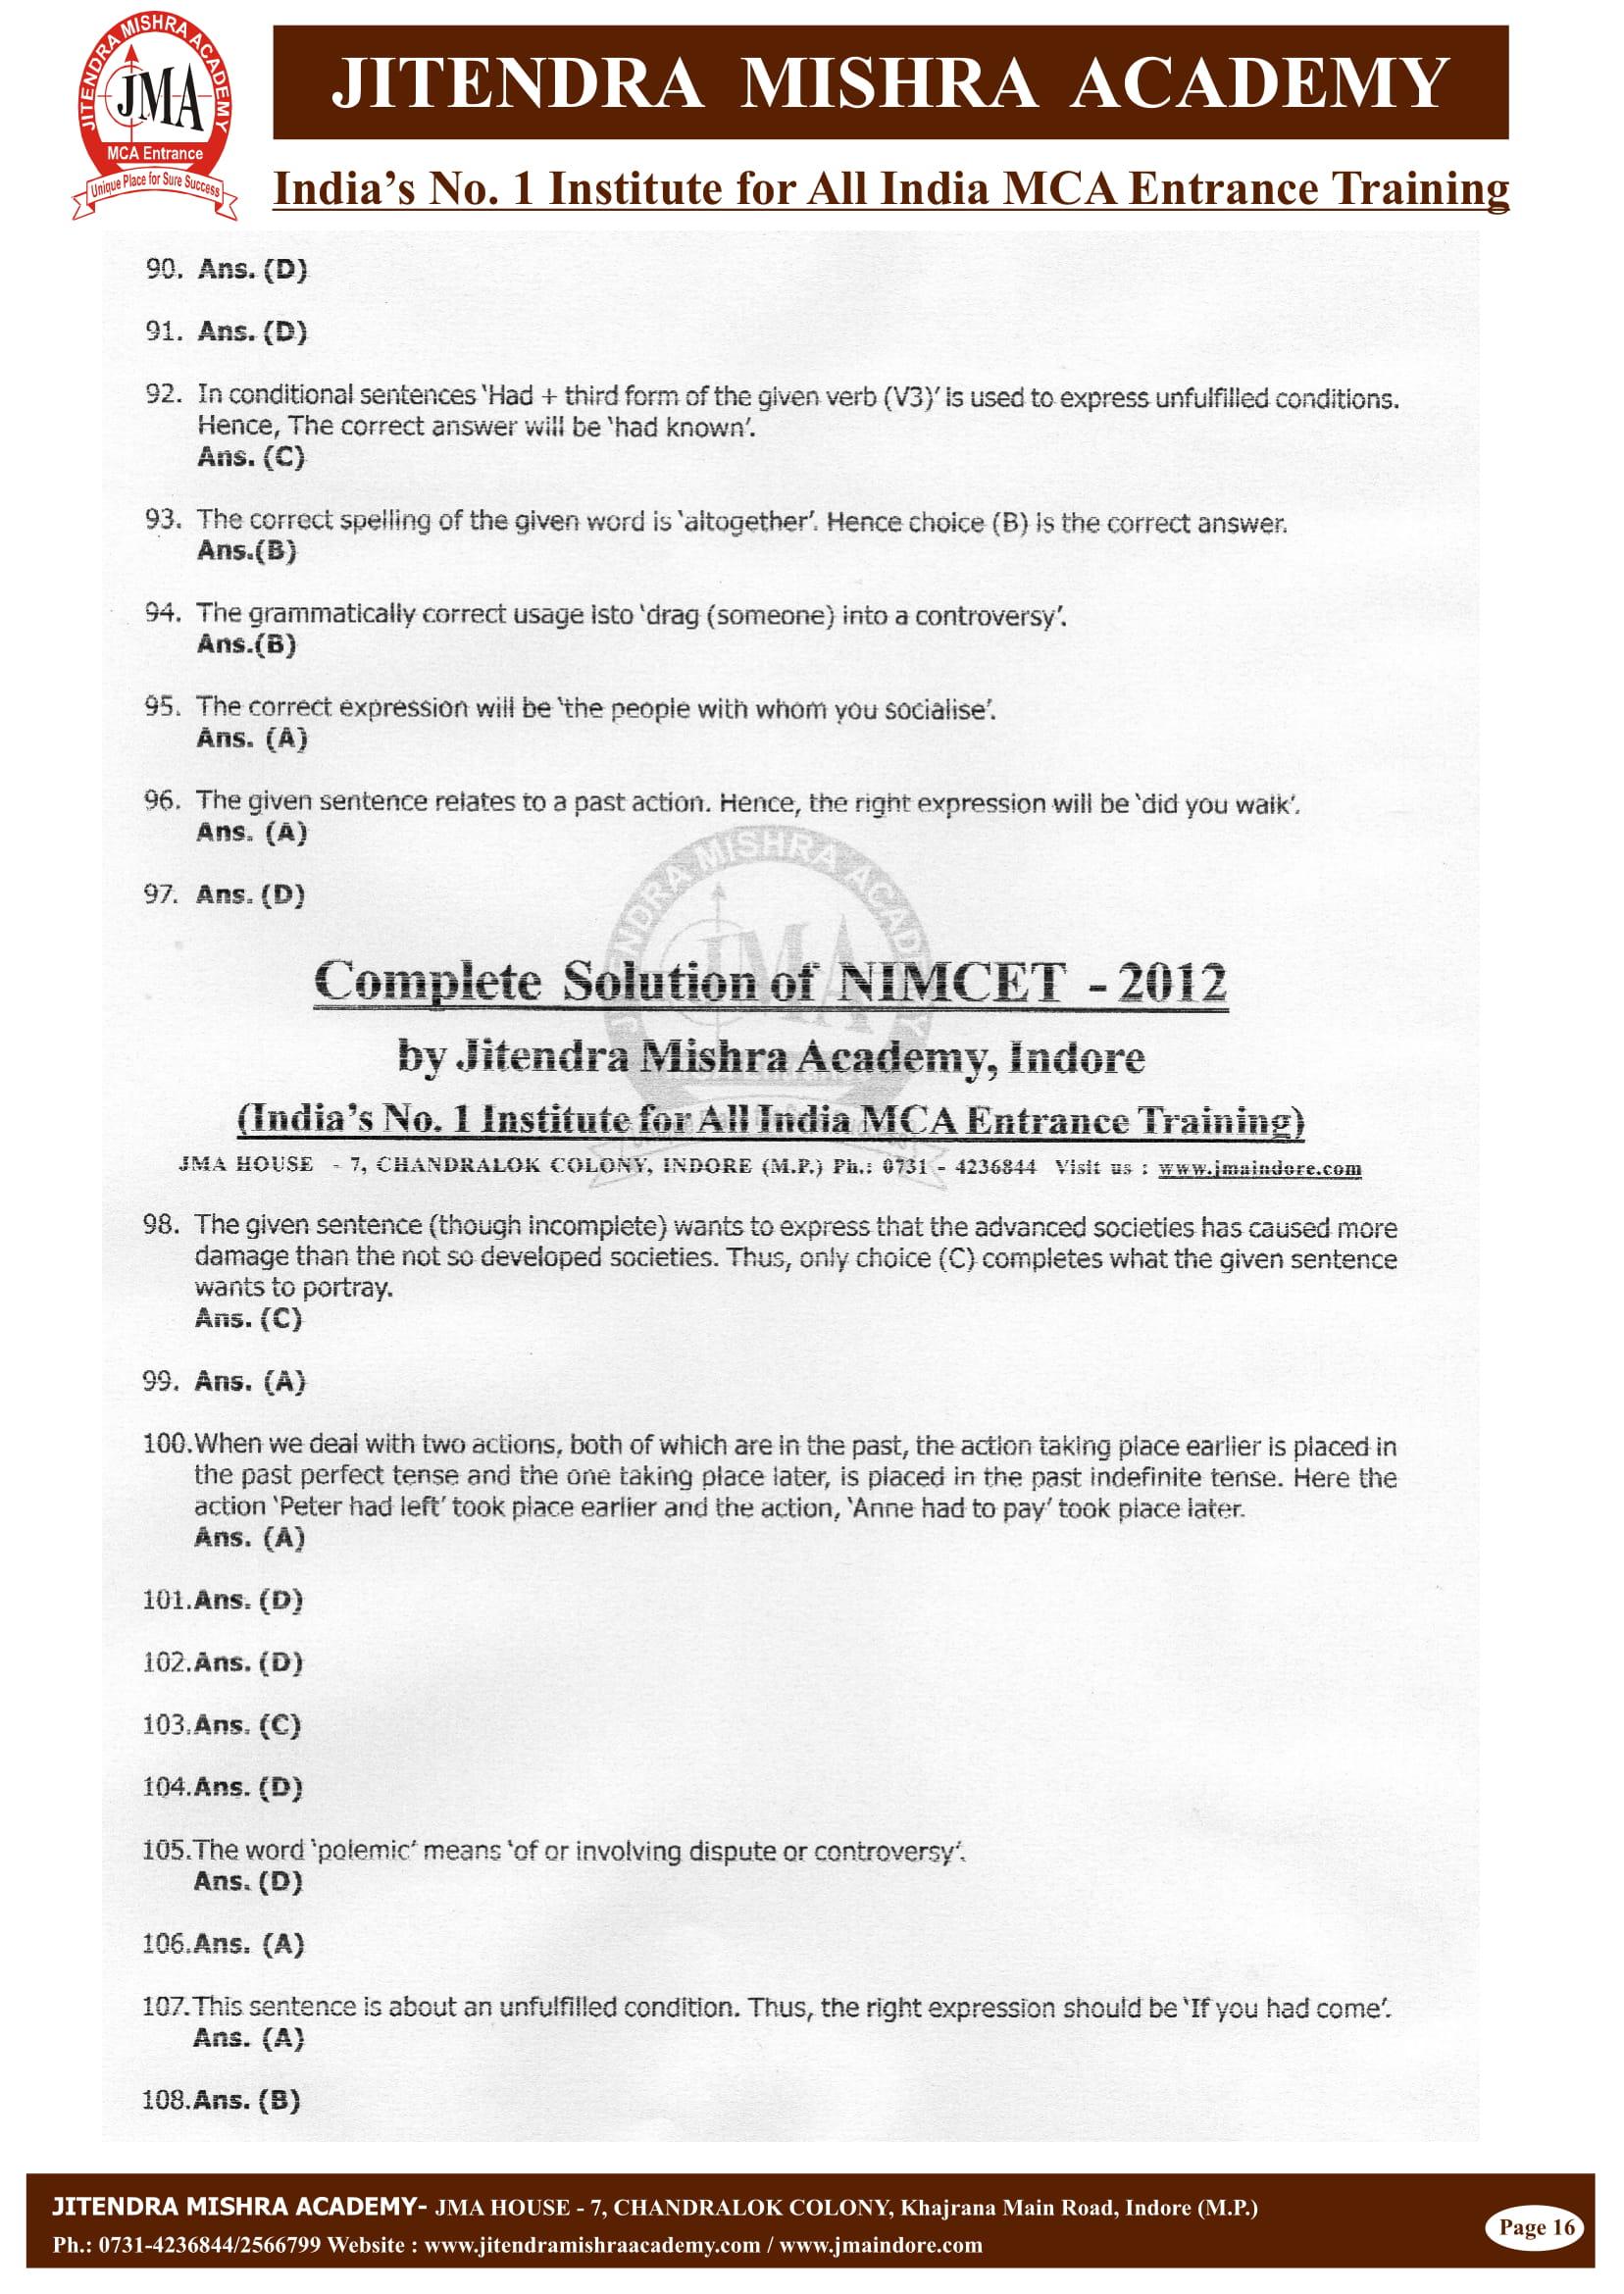 NIMCET - 2012 (SOLUTION)-16